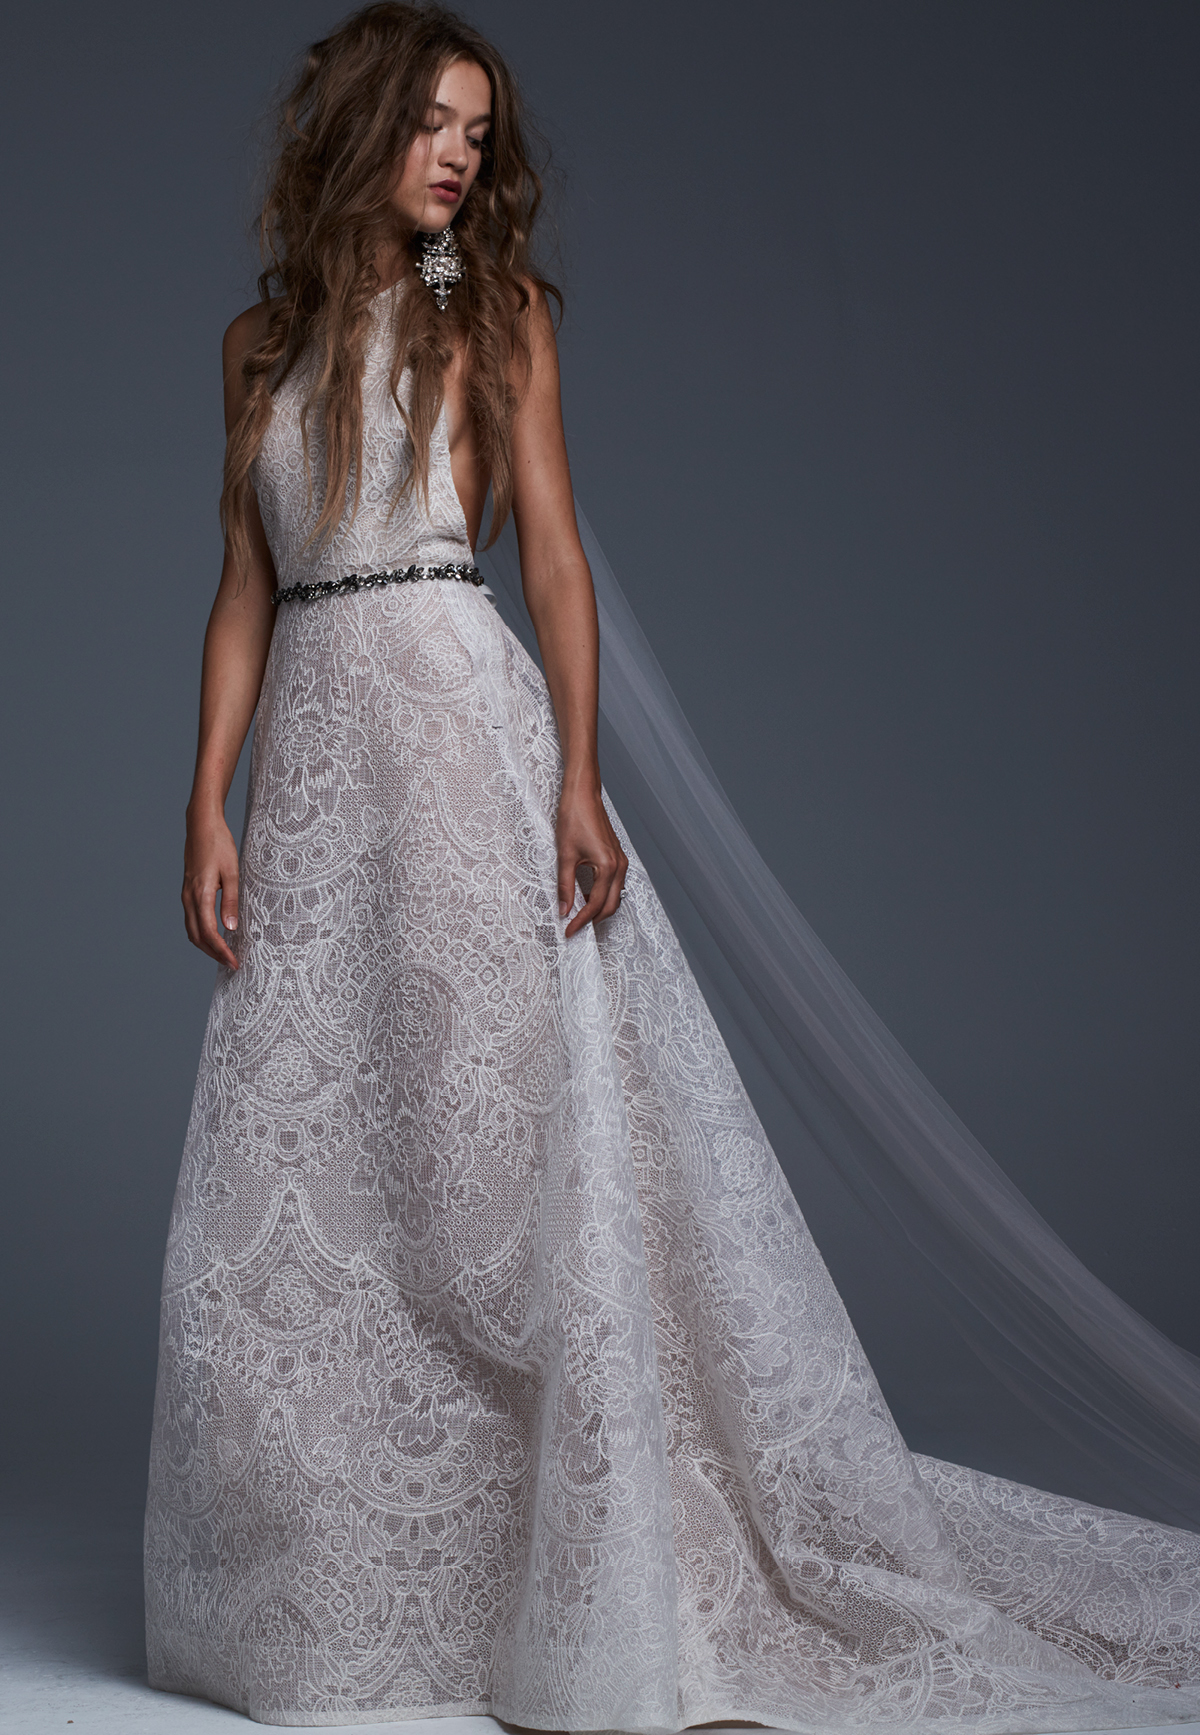 Nombres de disenadores vestidos de novia